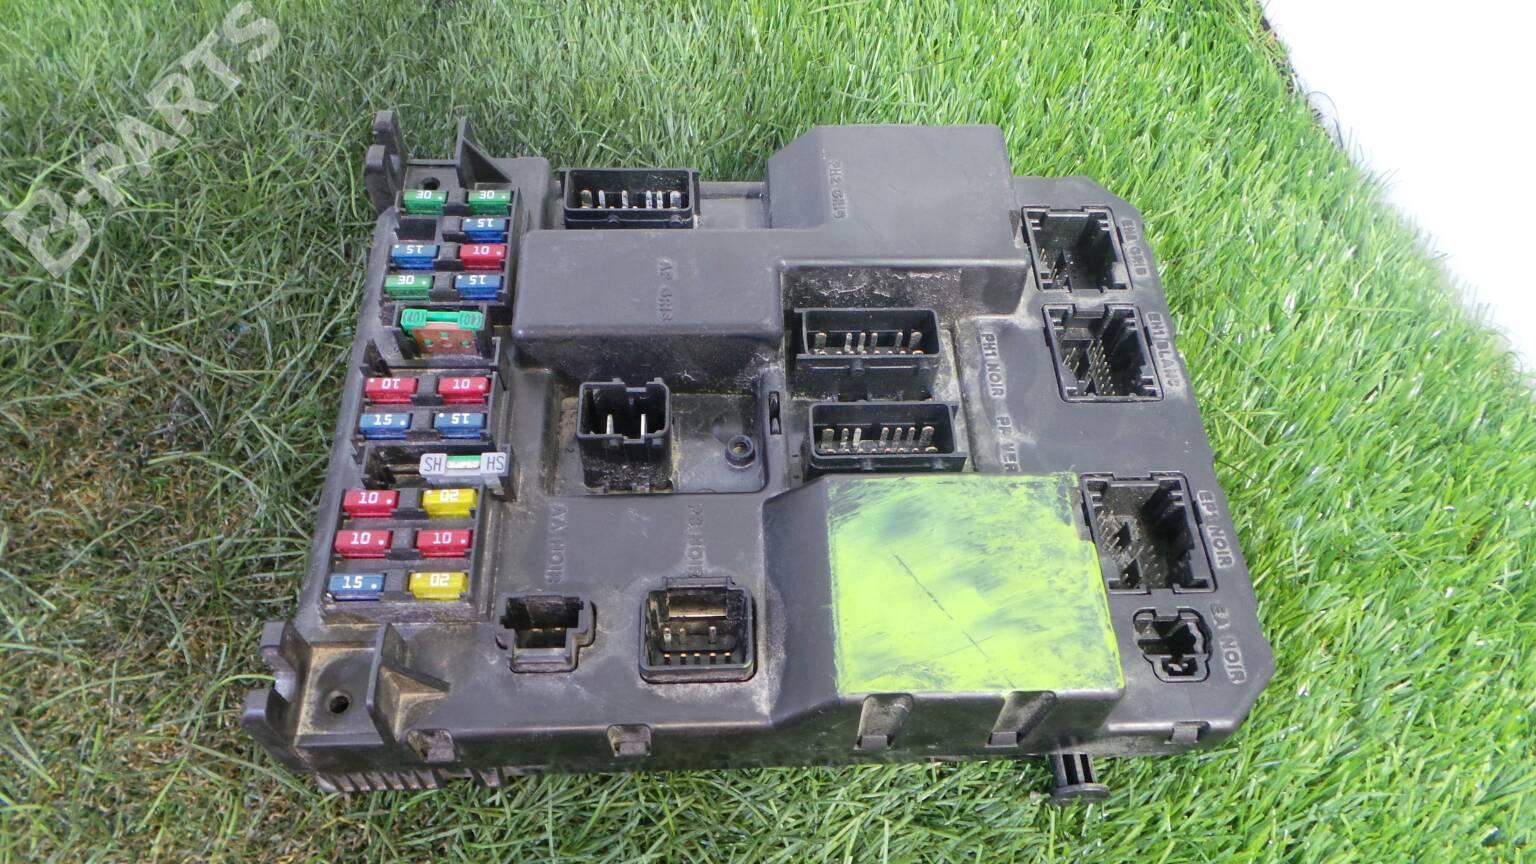 Fuse Box Peugeot 307 3a C 20 Hdi 90 1407320 2005 96 511 976 80 A